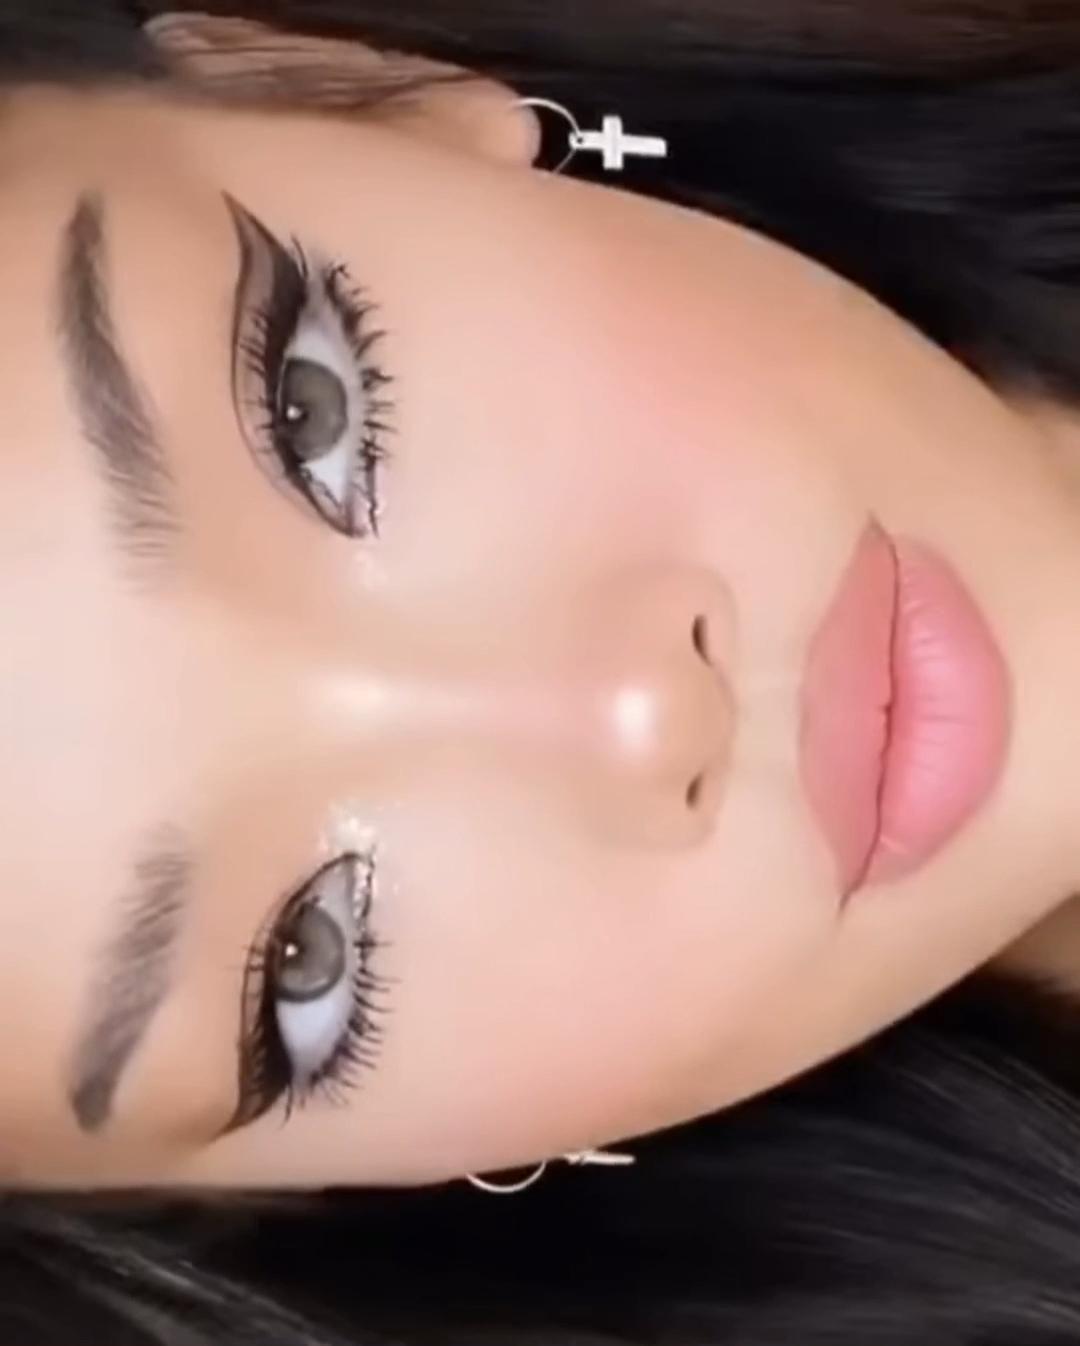 Eye makeup tutorial #makeup #makeuptutorial #beautytips #makeuplover #womensfashion #eyemakeup